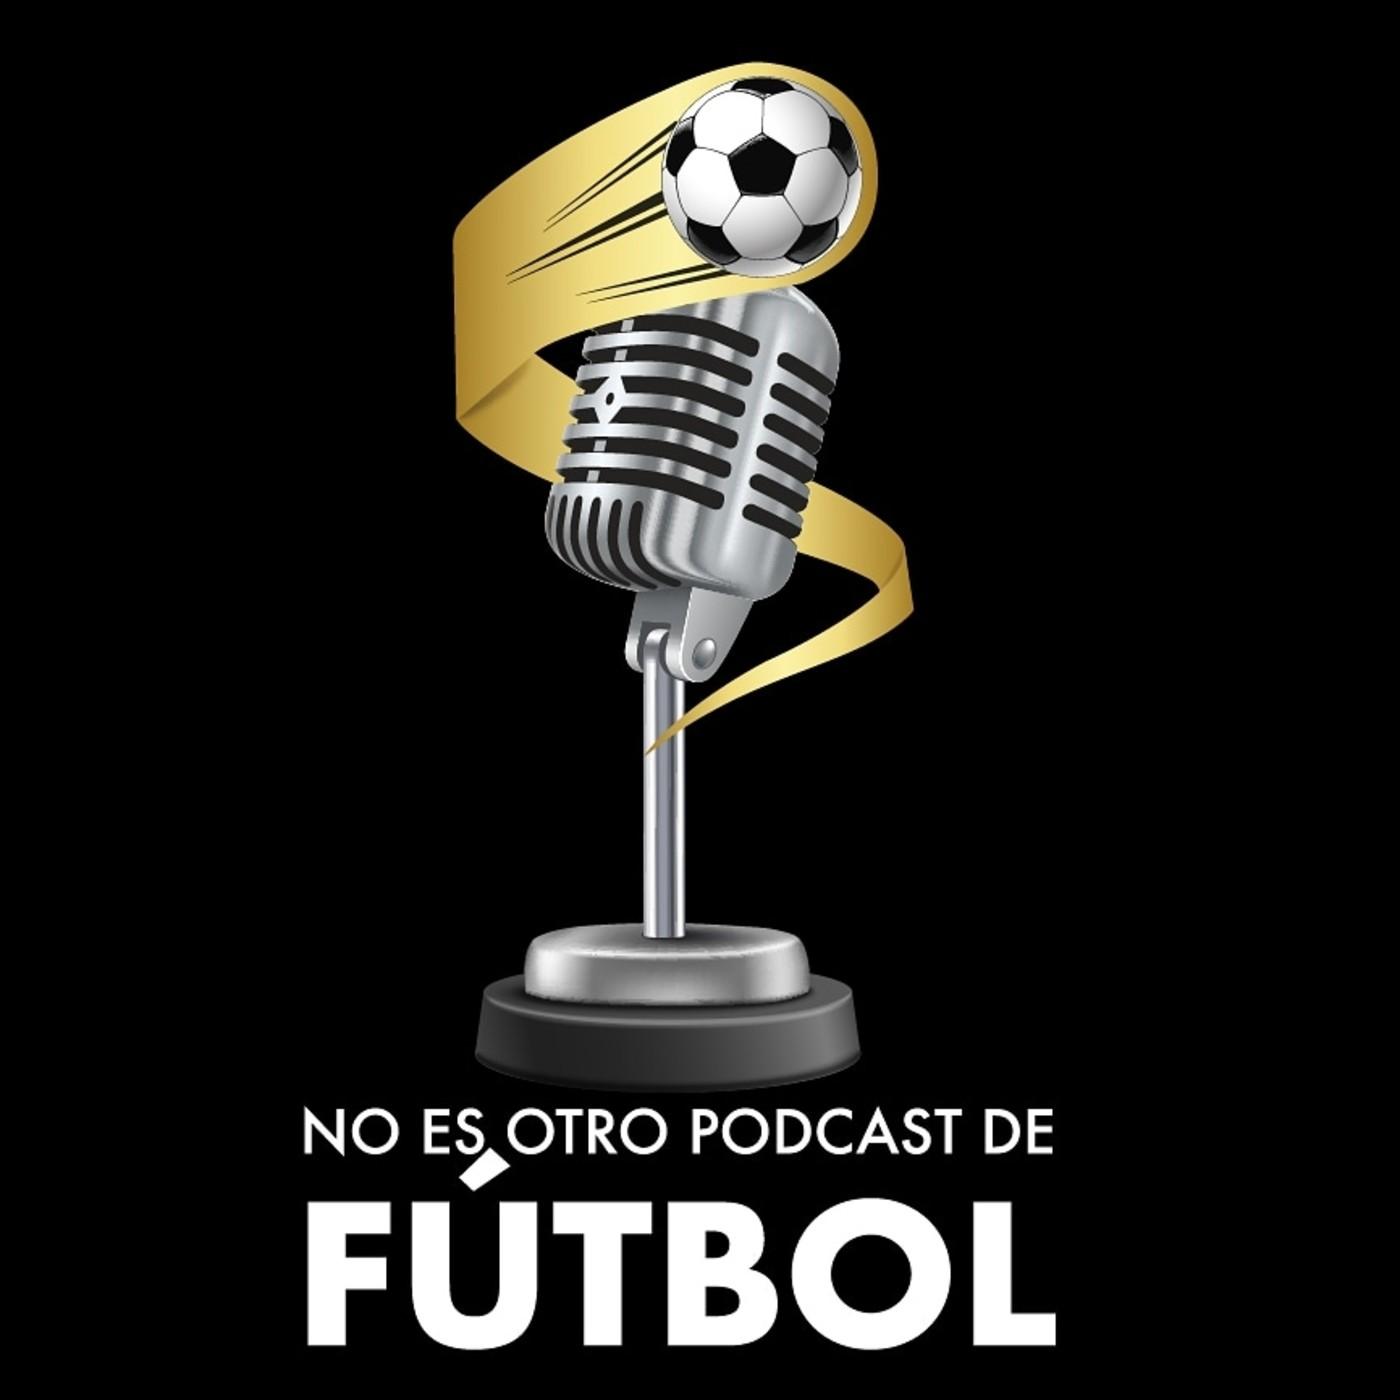 No es otro Podcast de Fútbol